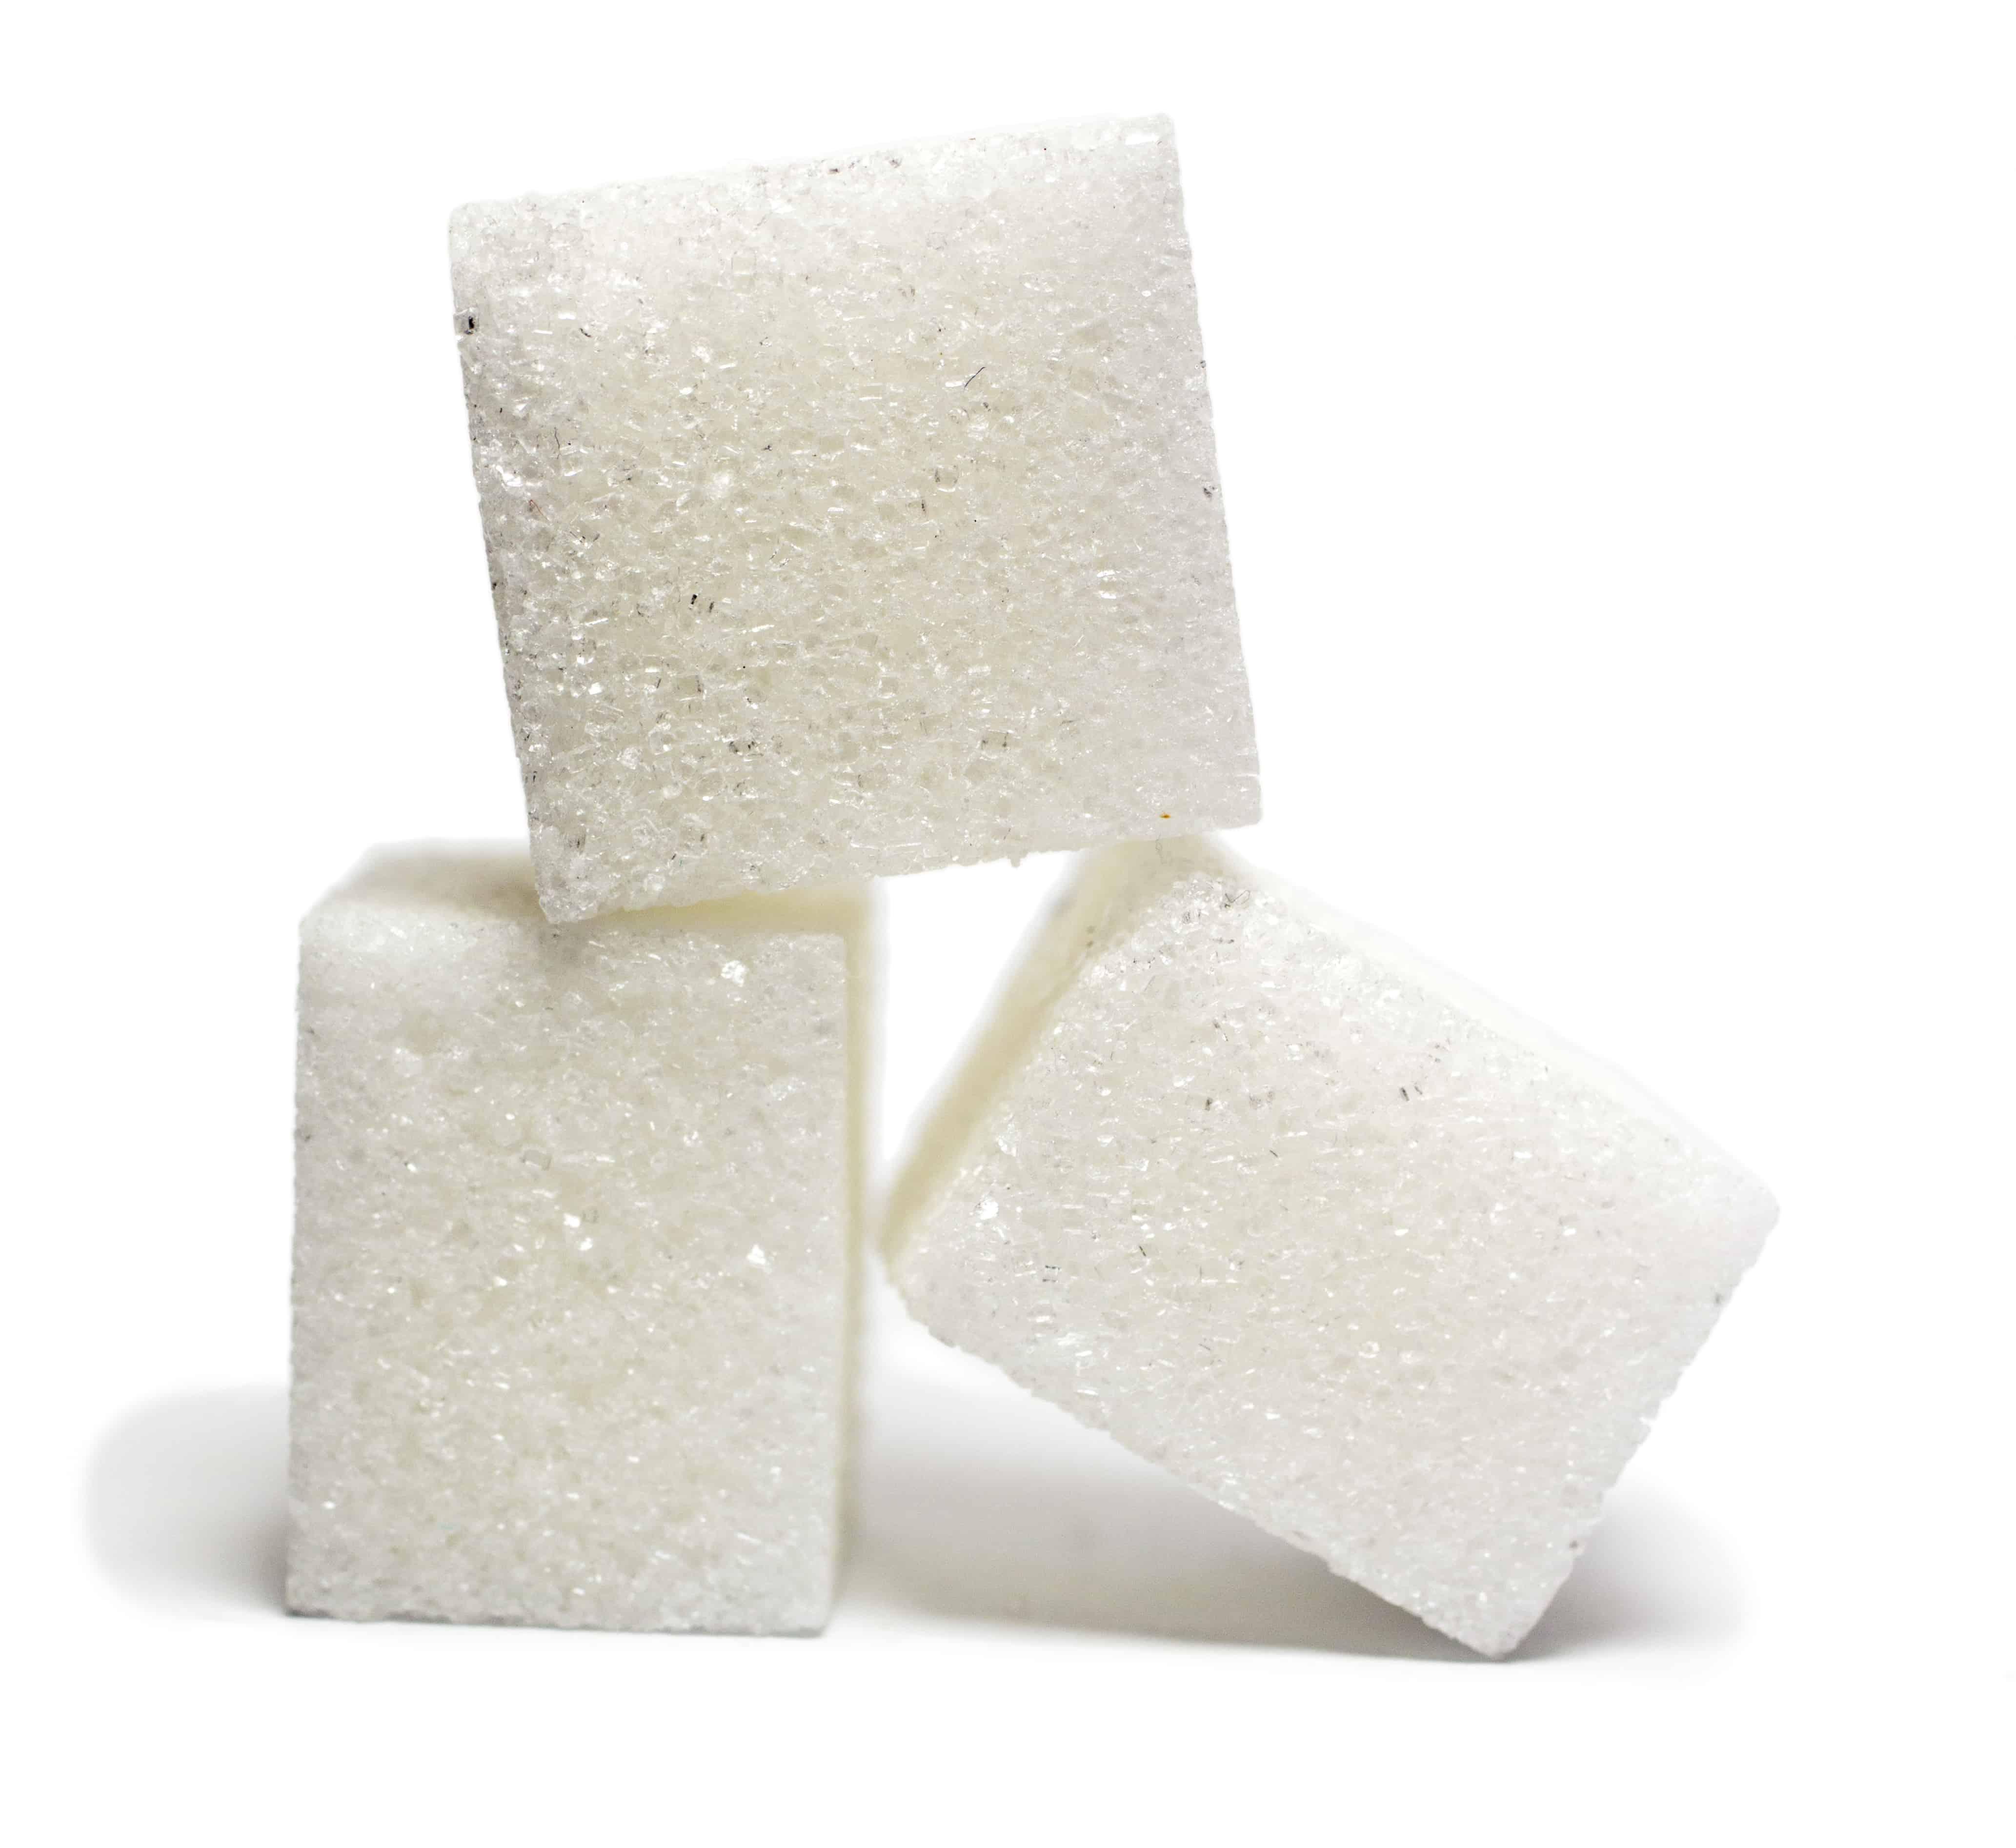 Emelkedhet a cukor ára